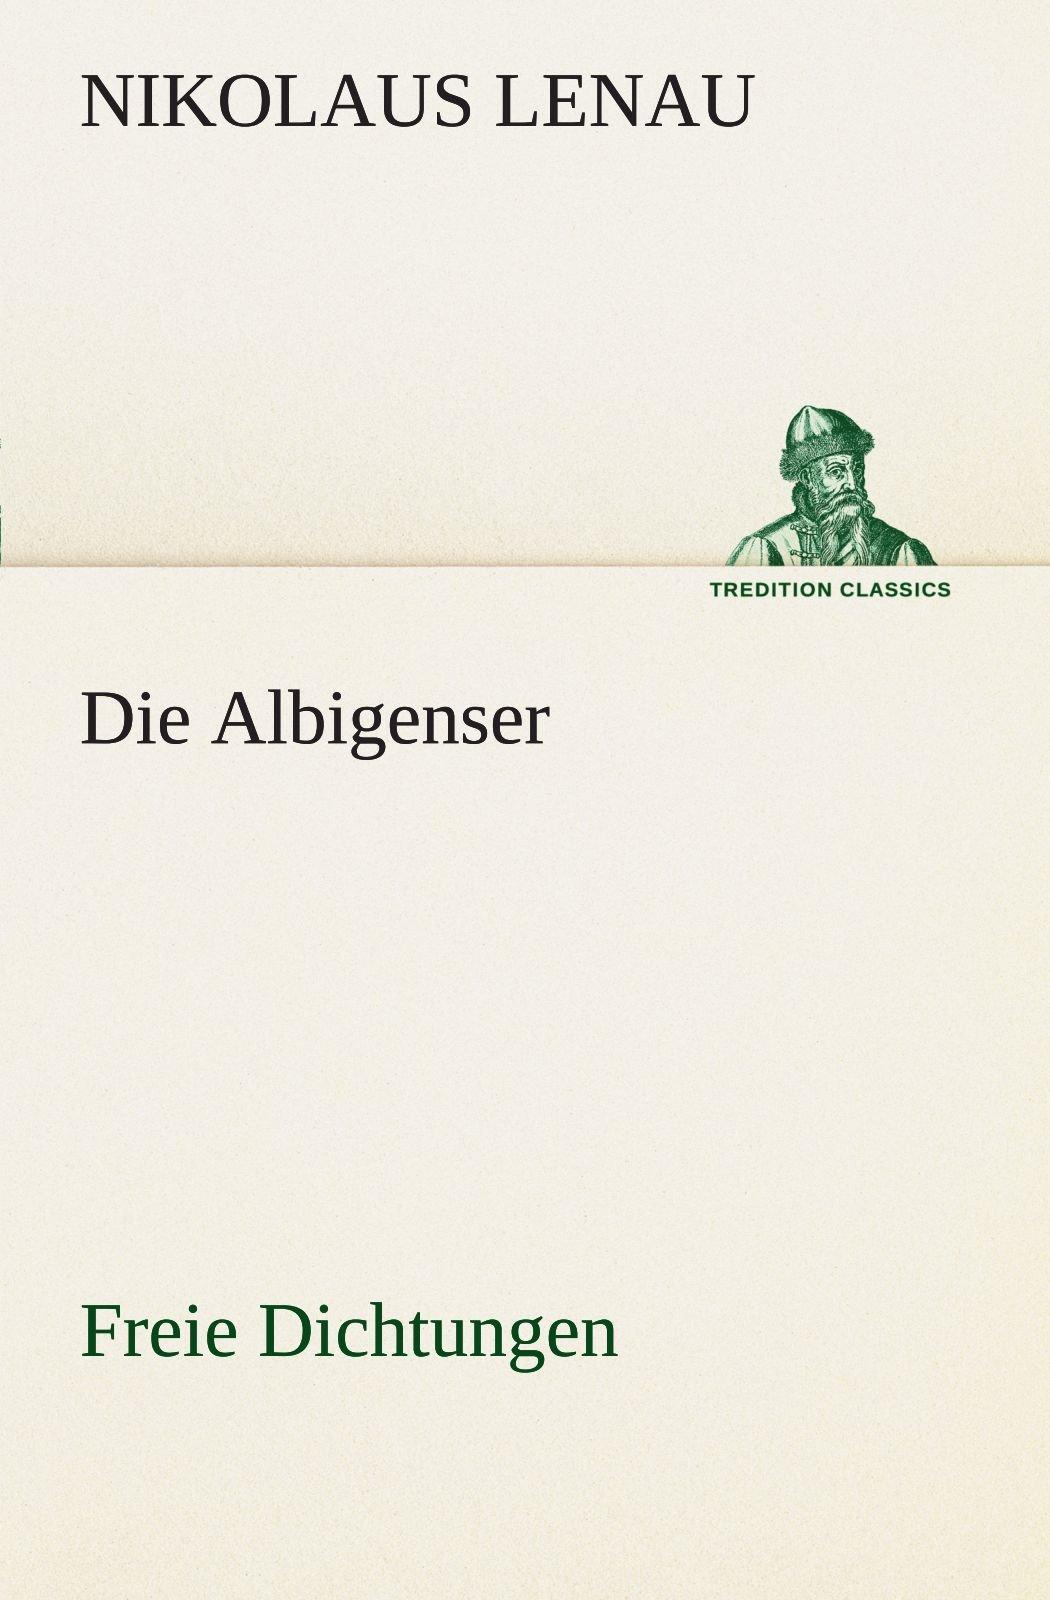 Download Die Albigenser: Freie Dichtungen (TREDITION CLASSICS) (German Edition) pdf epub